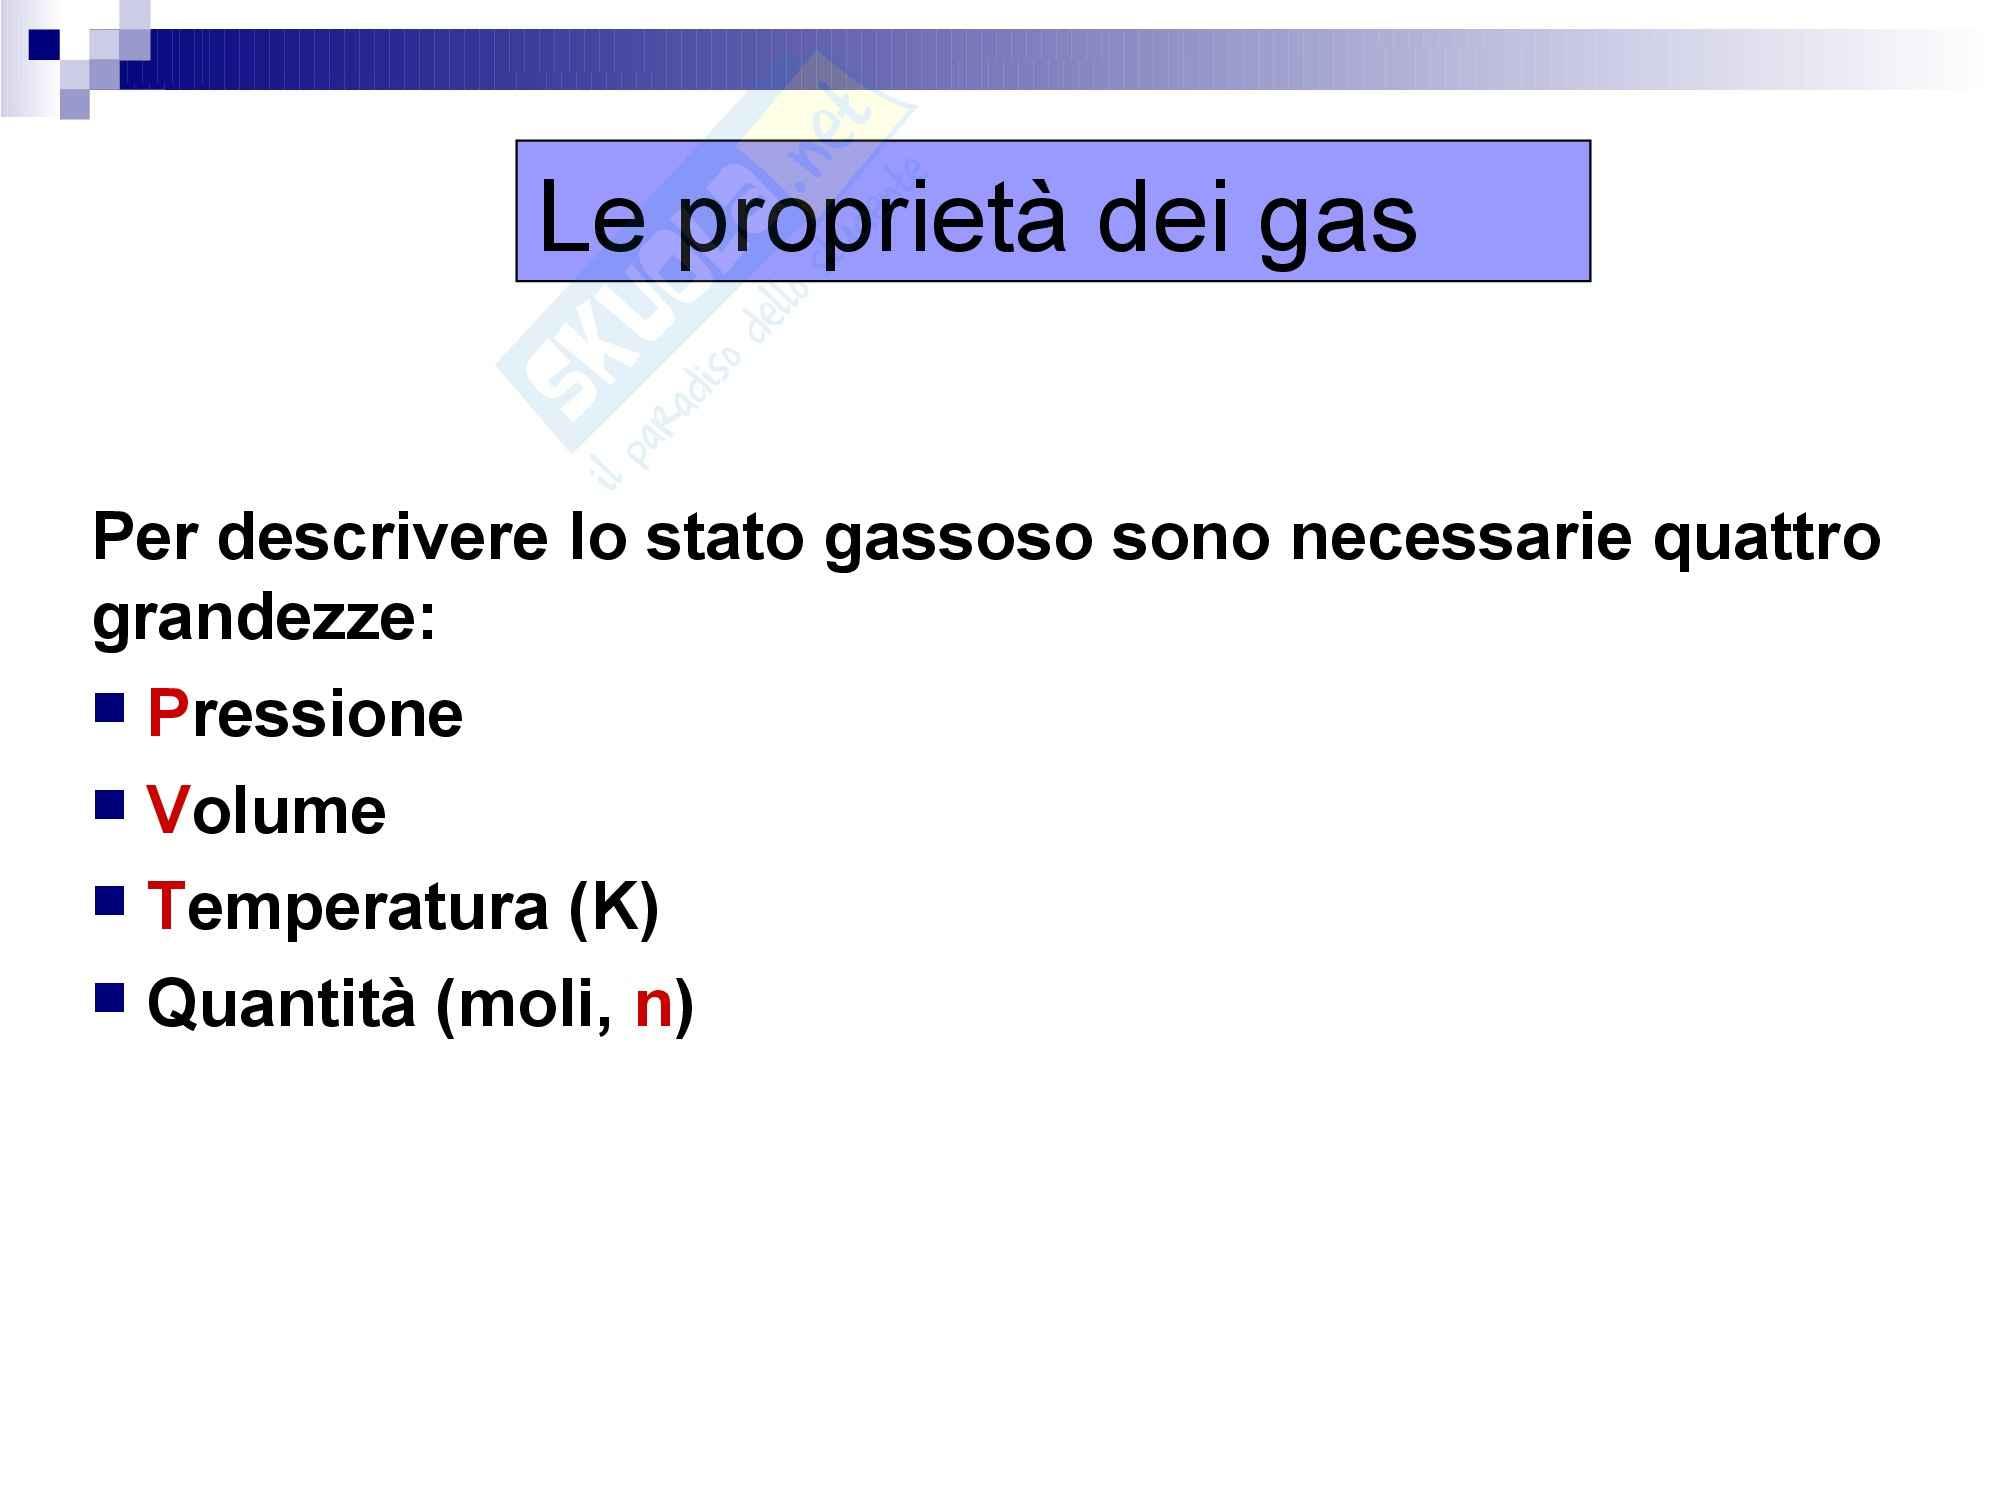 Chimica: che cos'è lo stato gassoso Pag. 2